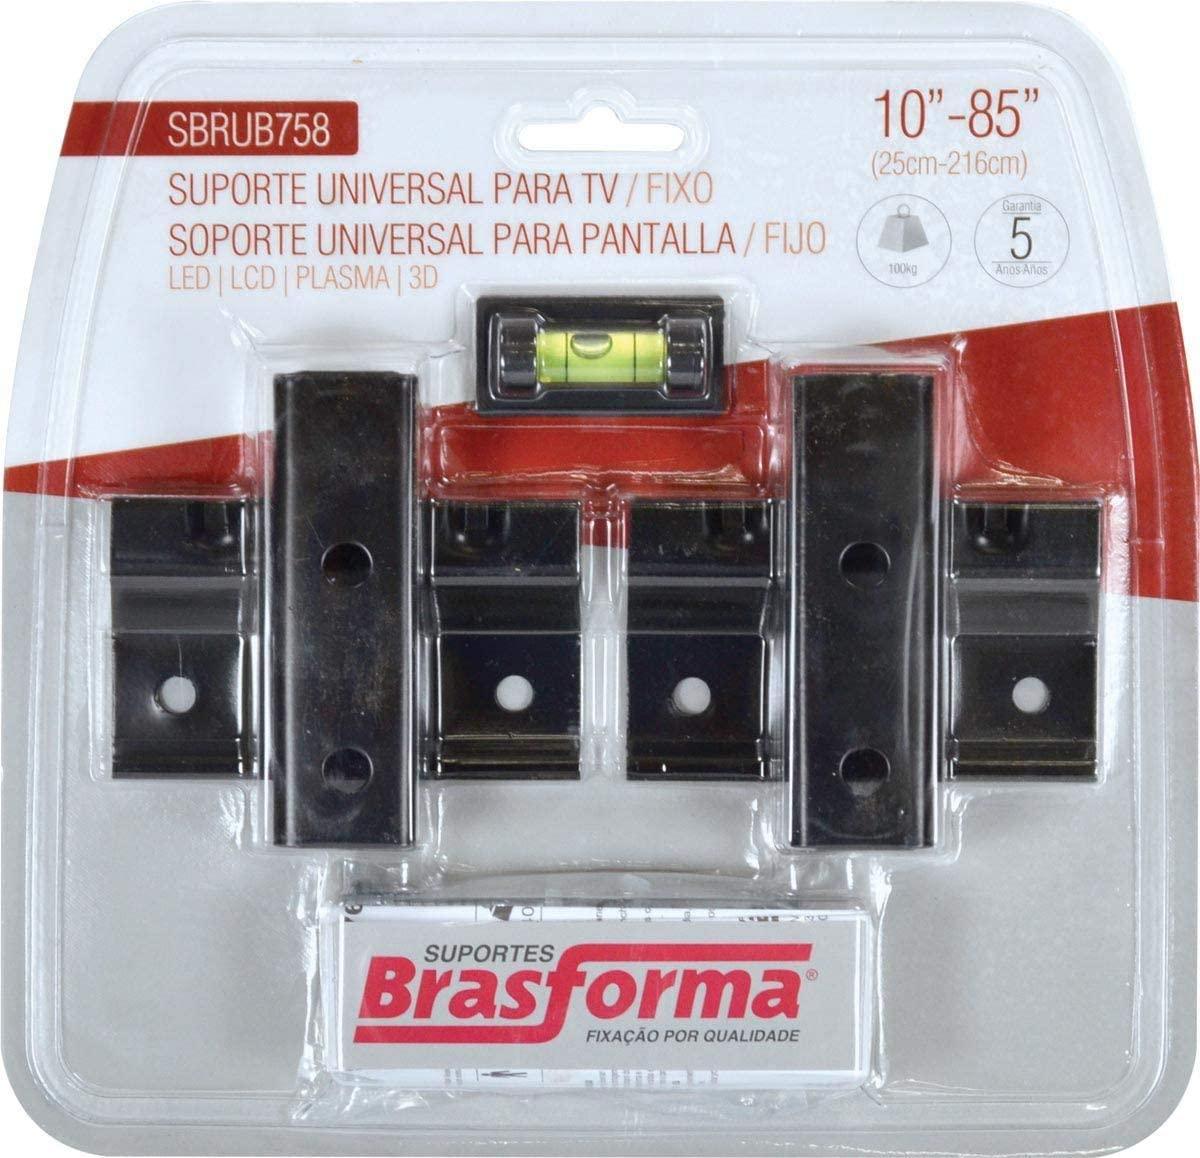 SUPORTE FIXO TV LCD/PLASMA 10'' A 85'' COM NIVEL SBRUB758